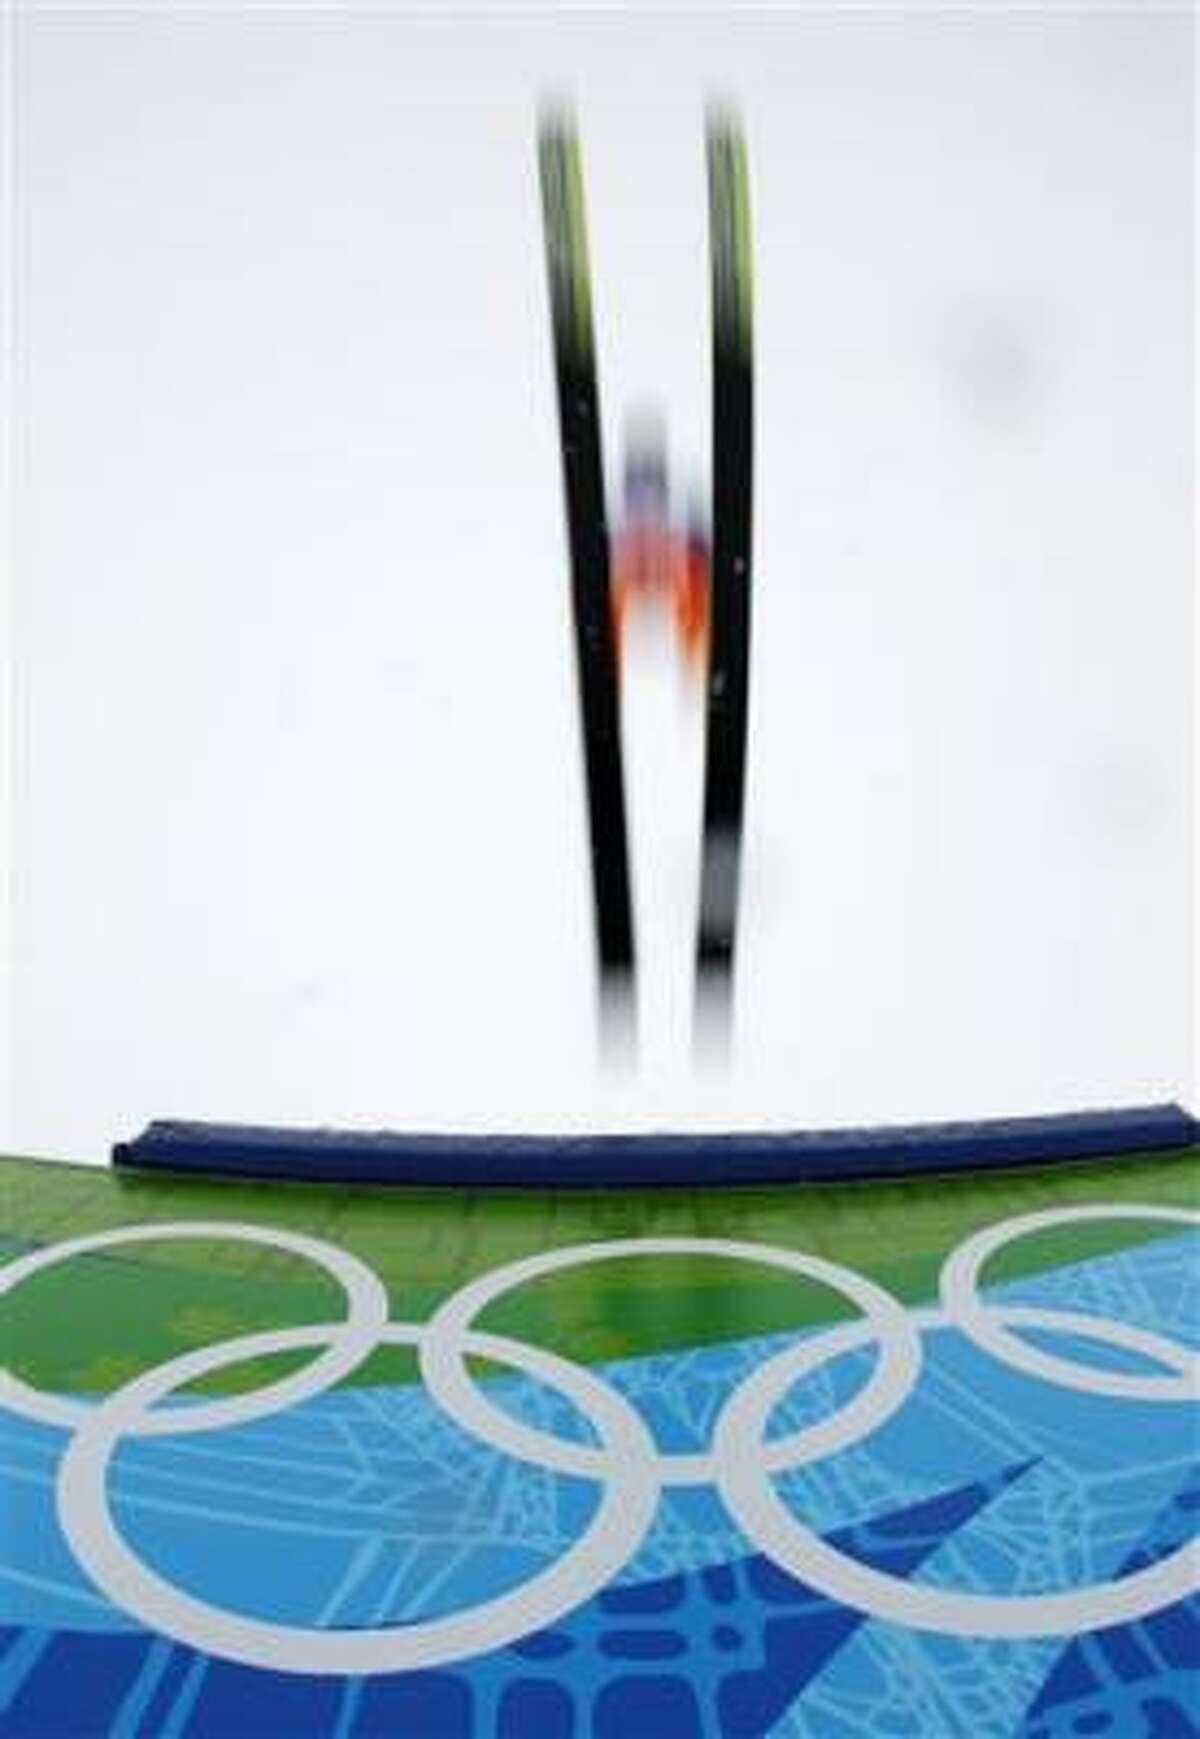 Un atleta no identificado hace un salto durante un entrenamiento previo al inicio de los Juegos Olímpicos de Invierno Vancouver 2010 en Whistler, Canadá, el jueves 11 de febrero del 2010.